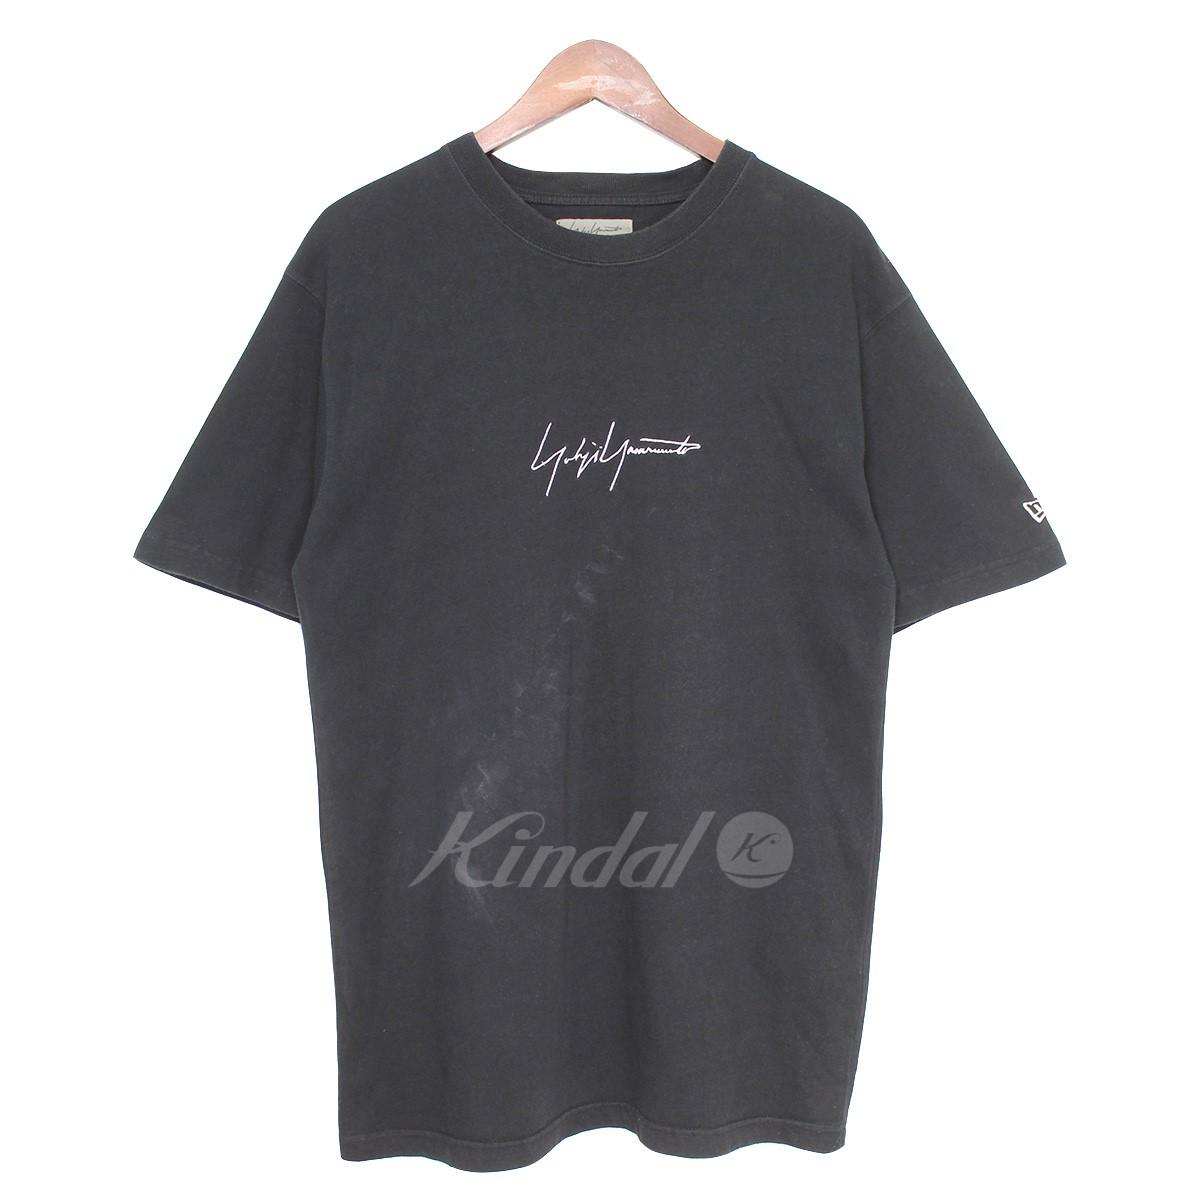 【中古】YOHJI YAMAMOTO×NEW ERA 18SS シグネチャーロゴクルーネックTシャツ ブラック サイズ:4 【送料無料】 【080319】(ヨウジヤマモト ニューエラ)